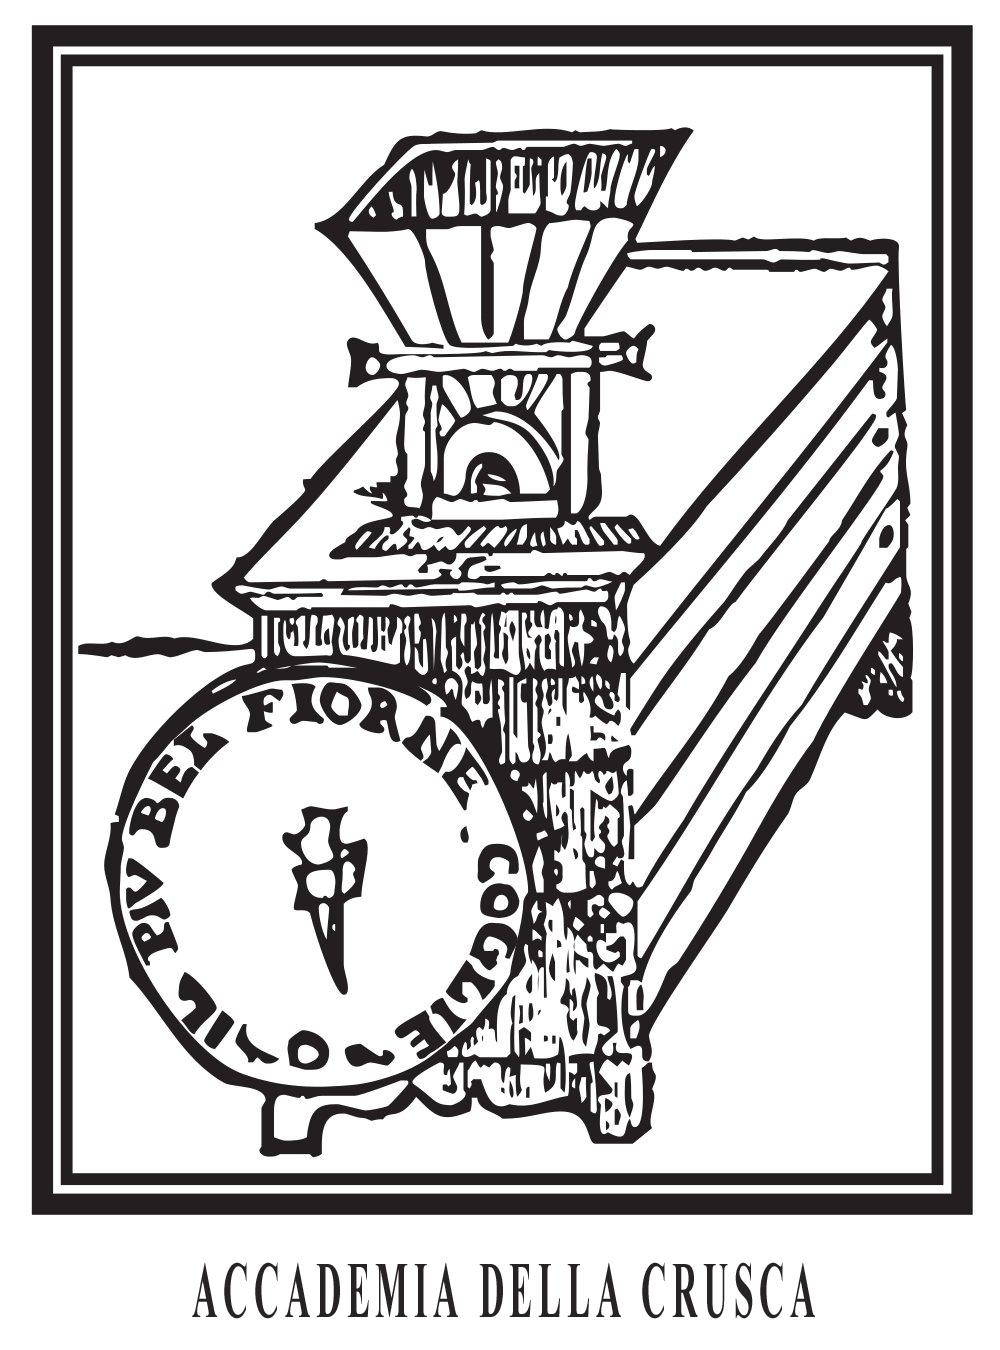 Crusca - logo